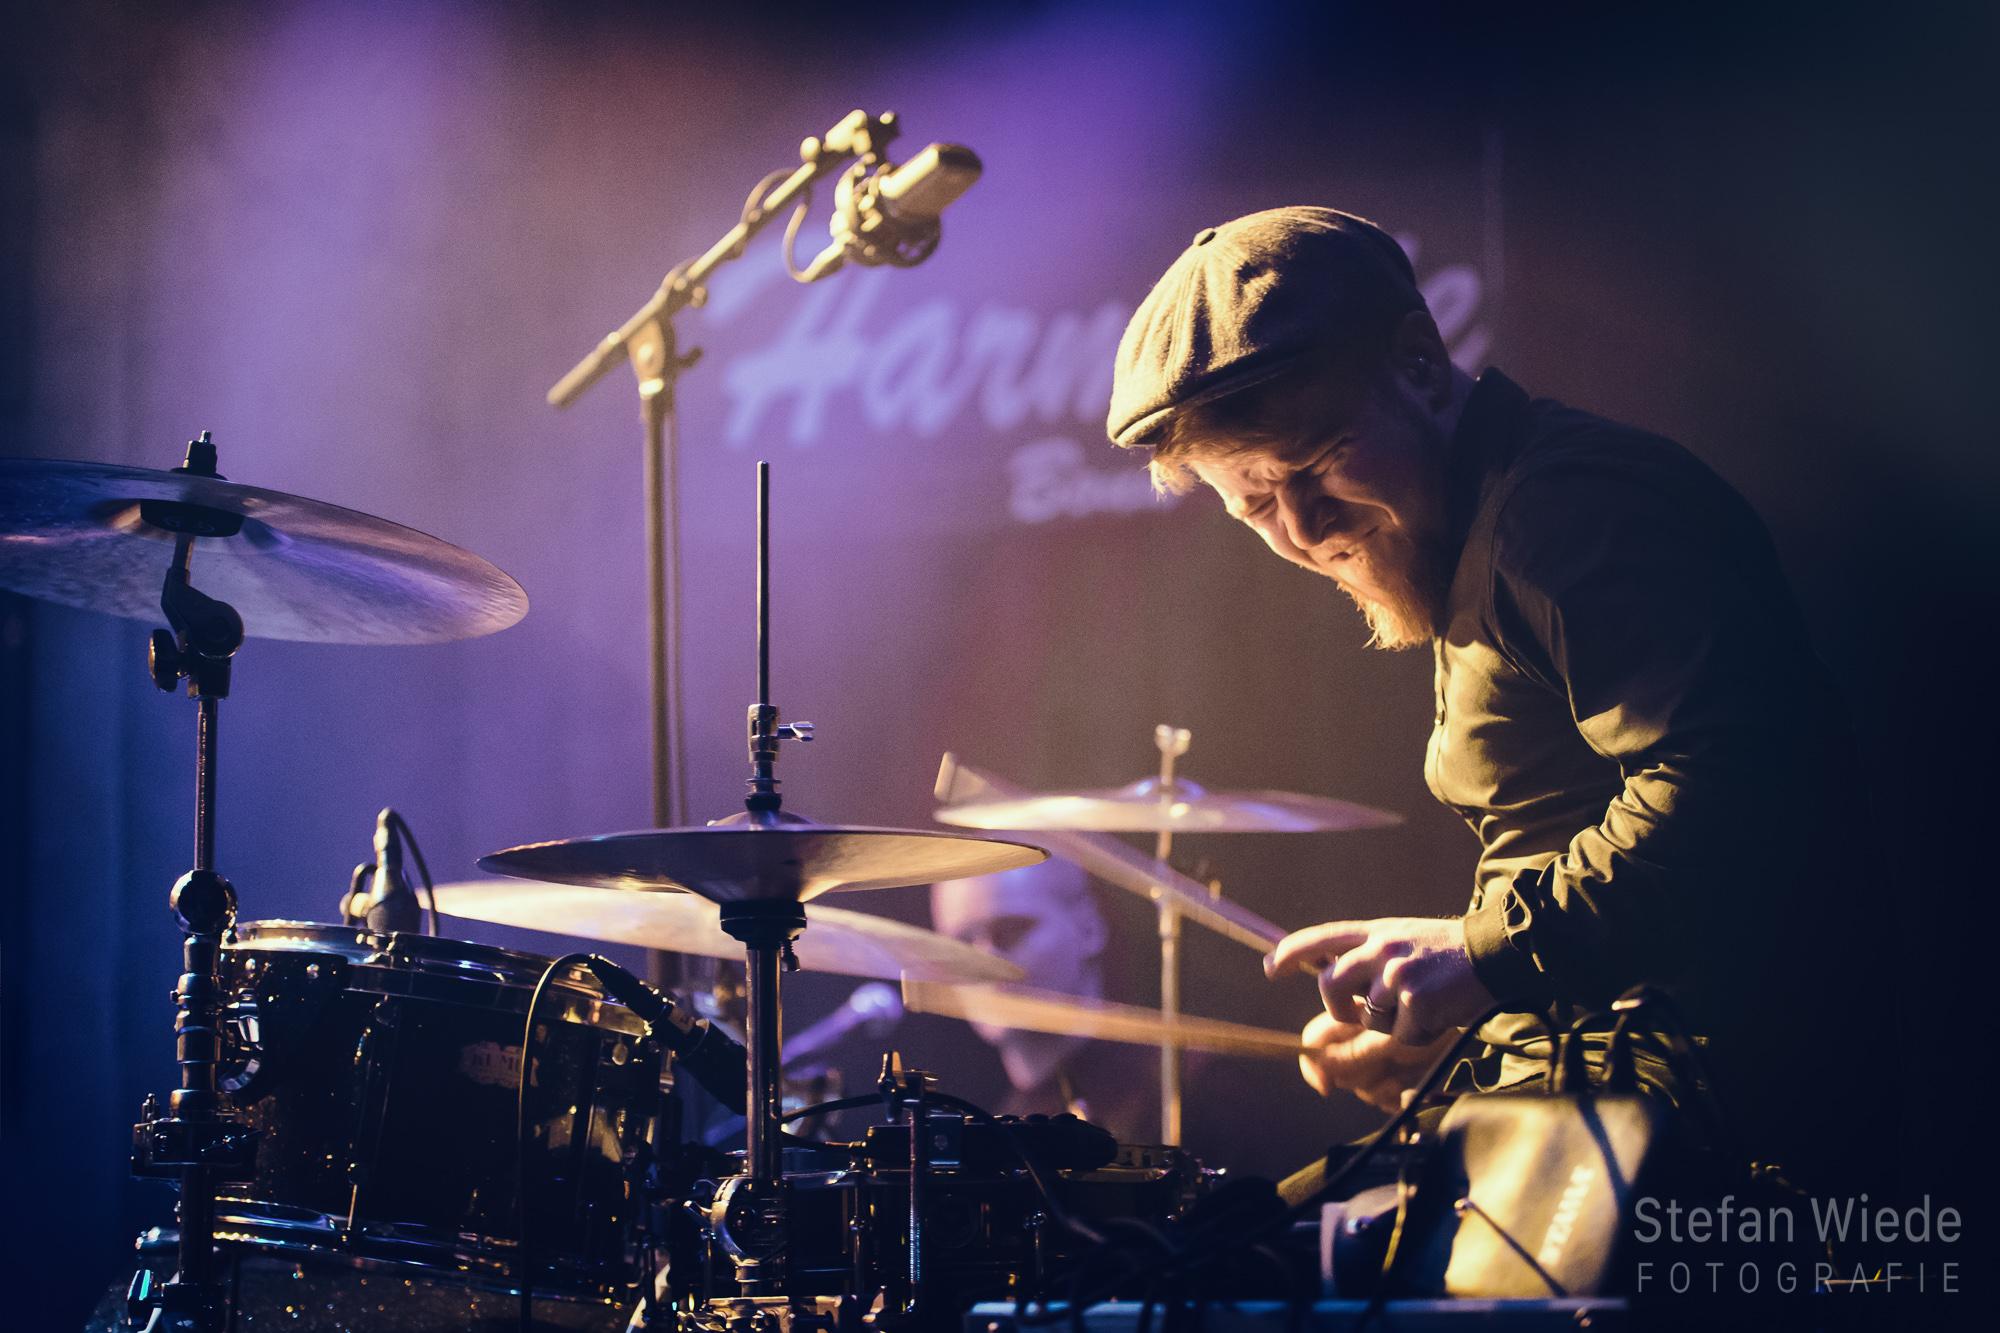 Schlagzeuger Musikfotografie